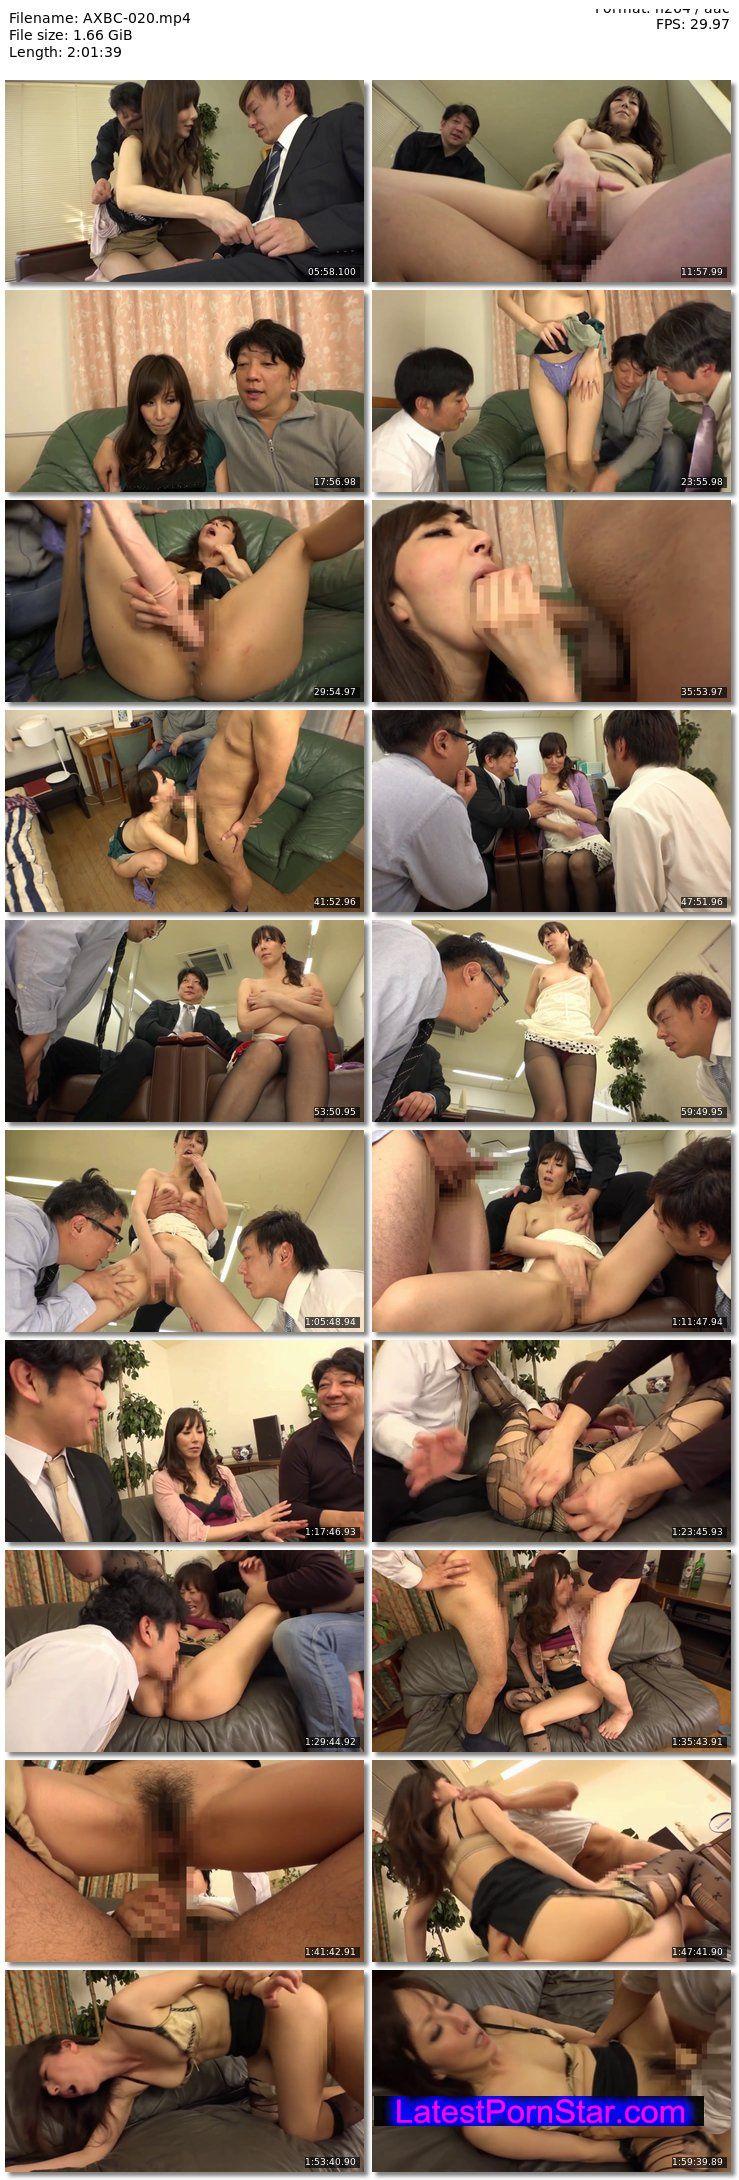 [AXBC-020] 「俺の前で他のチ○ポを咥えろ!」私のオマ○コを見せつけ見ず知らずの男に中出しさせる私の夫 澤村レイコ